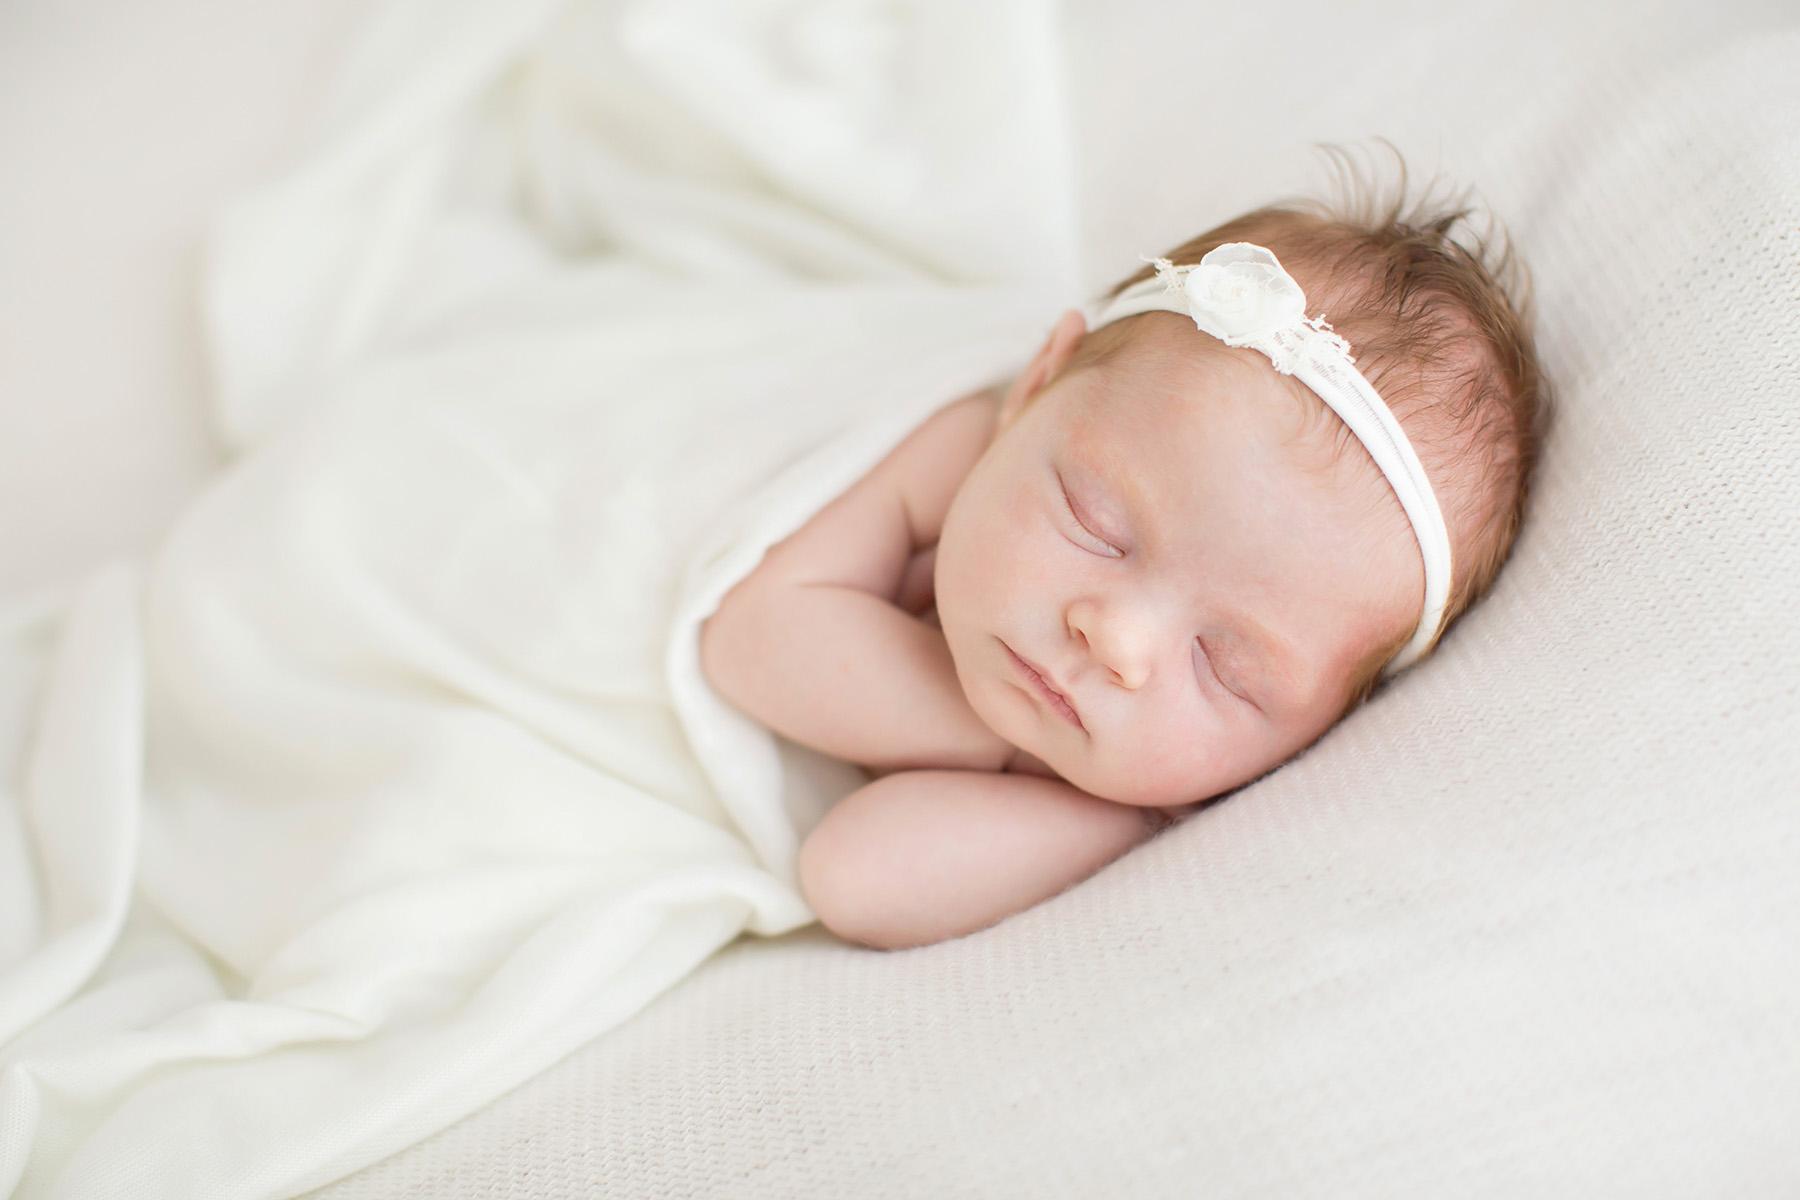 Louisville KY newborn photographer | Julie Brock Photography | maternity | family | louisville photography studio | natural newborn baby photography